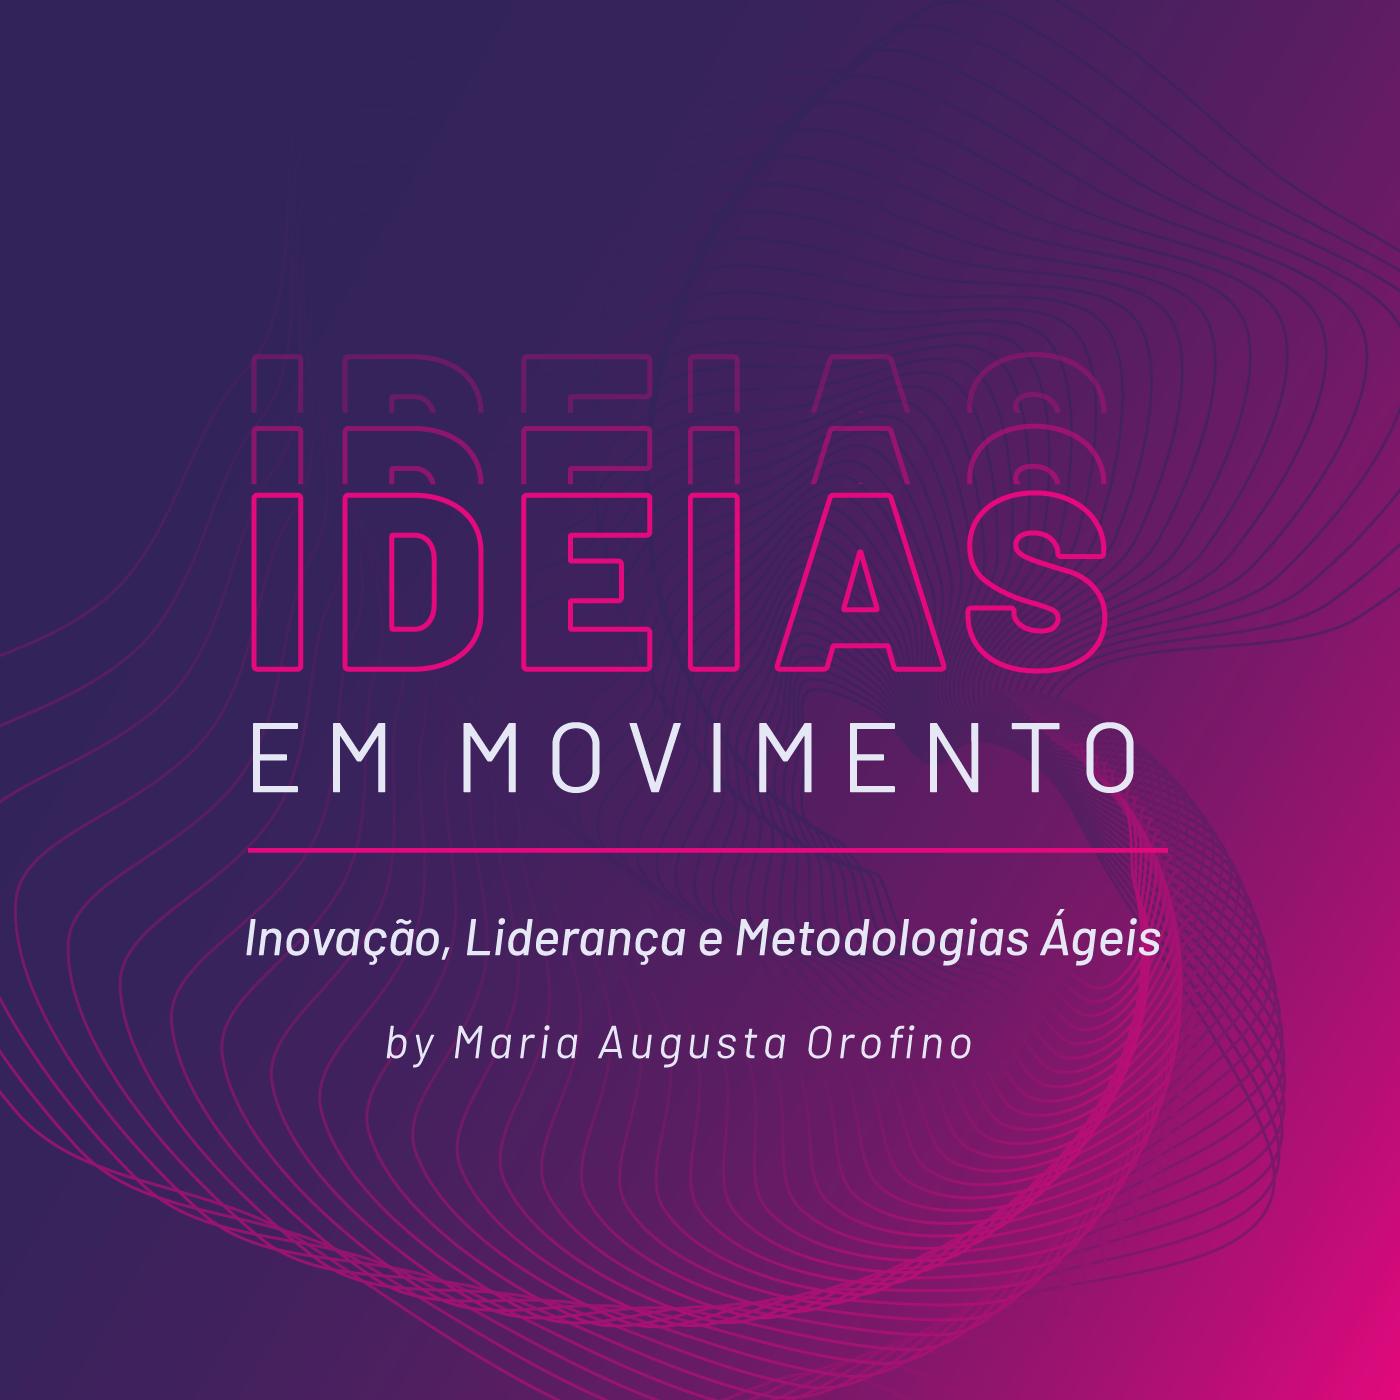 Ideias em Movimento by Maria Augusta Orofino show art